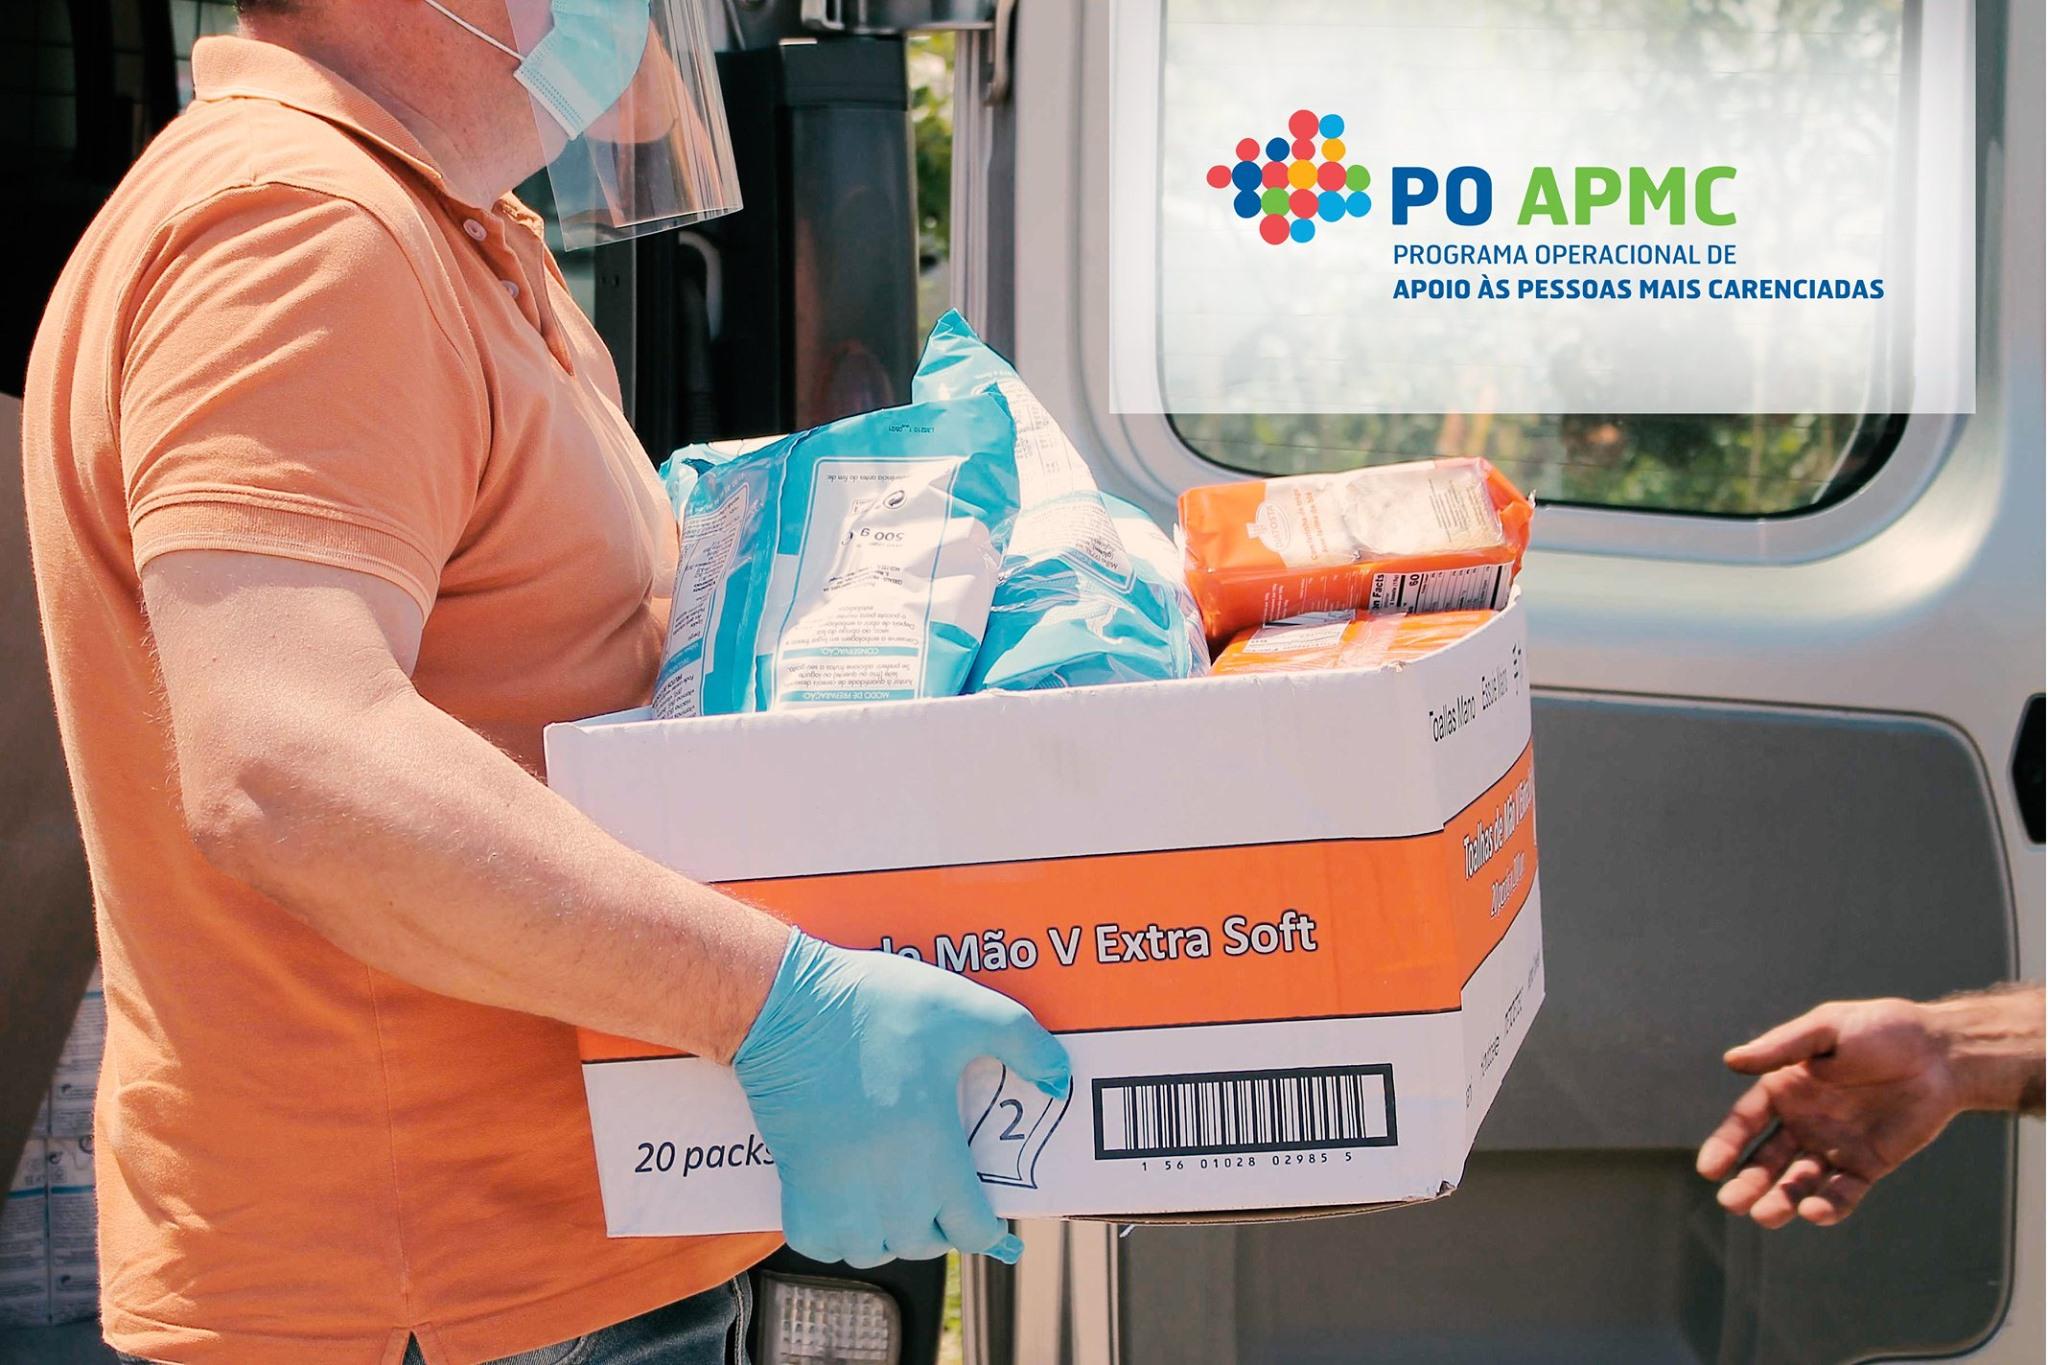 Programa Operacional de Apoio às Pessoas Mais Carenciadas